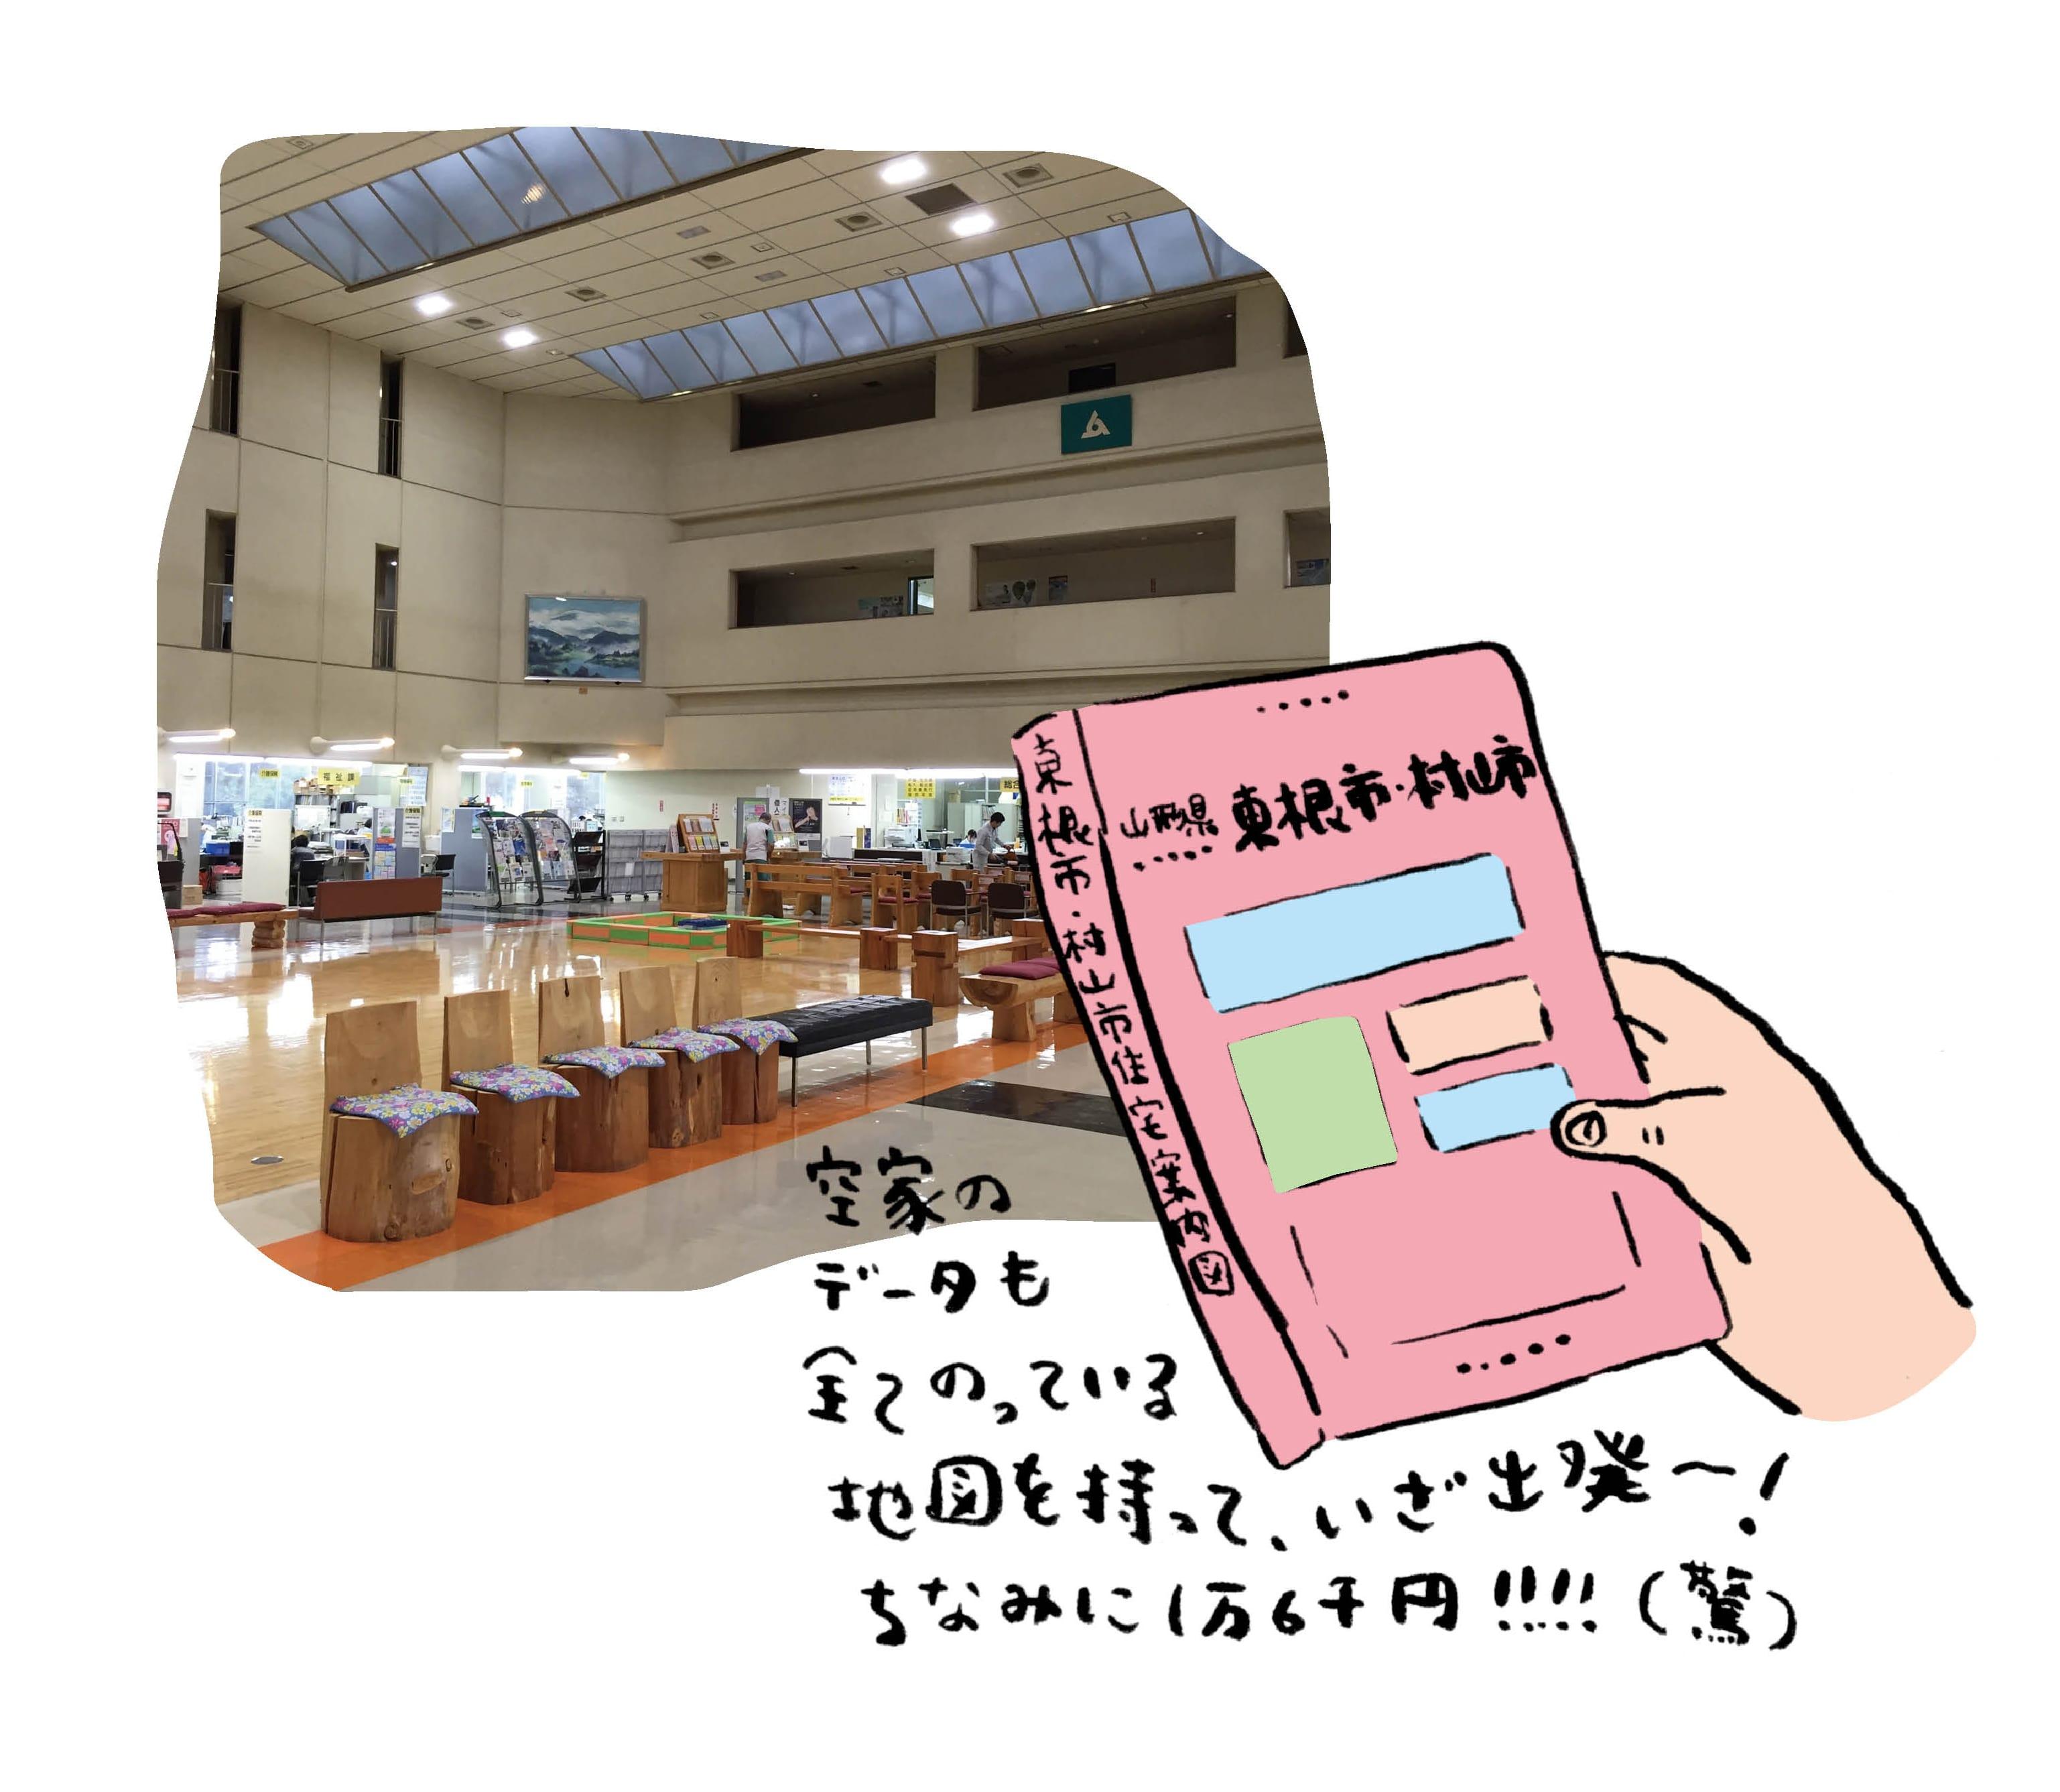 hinagata_yamagata_1-2